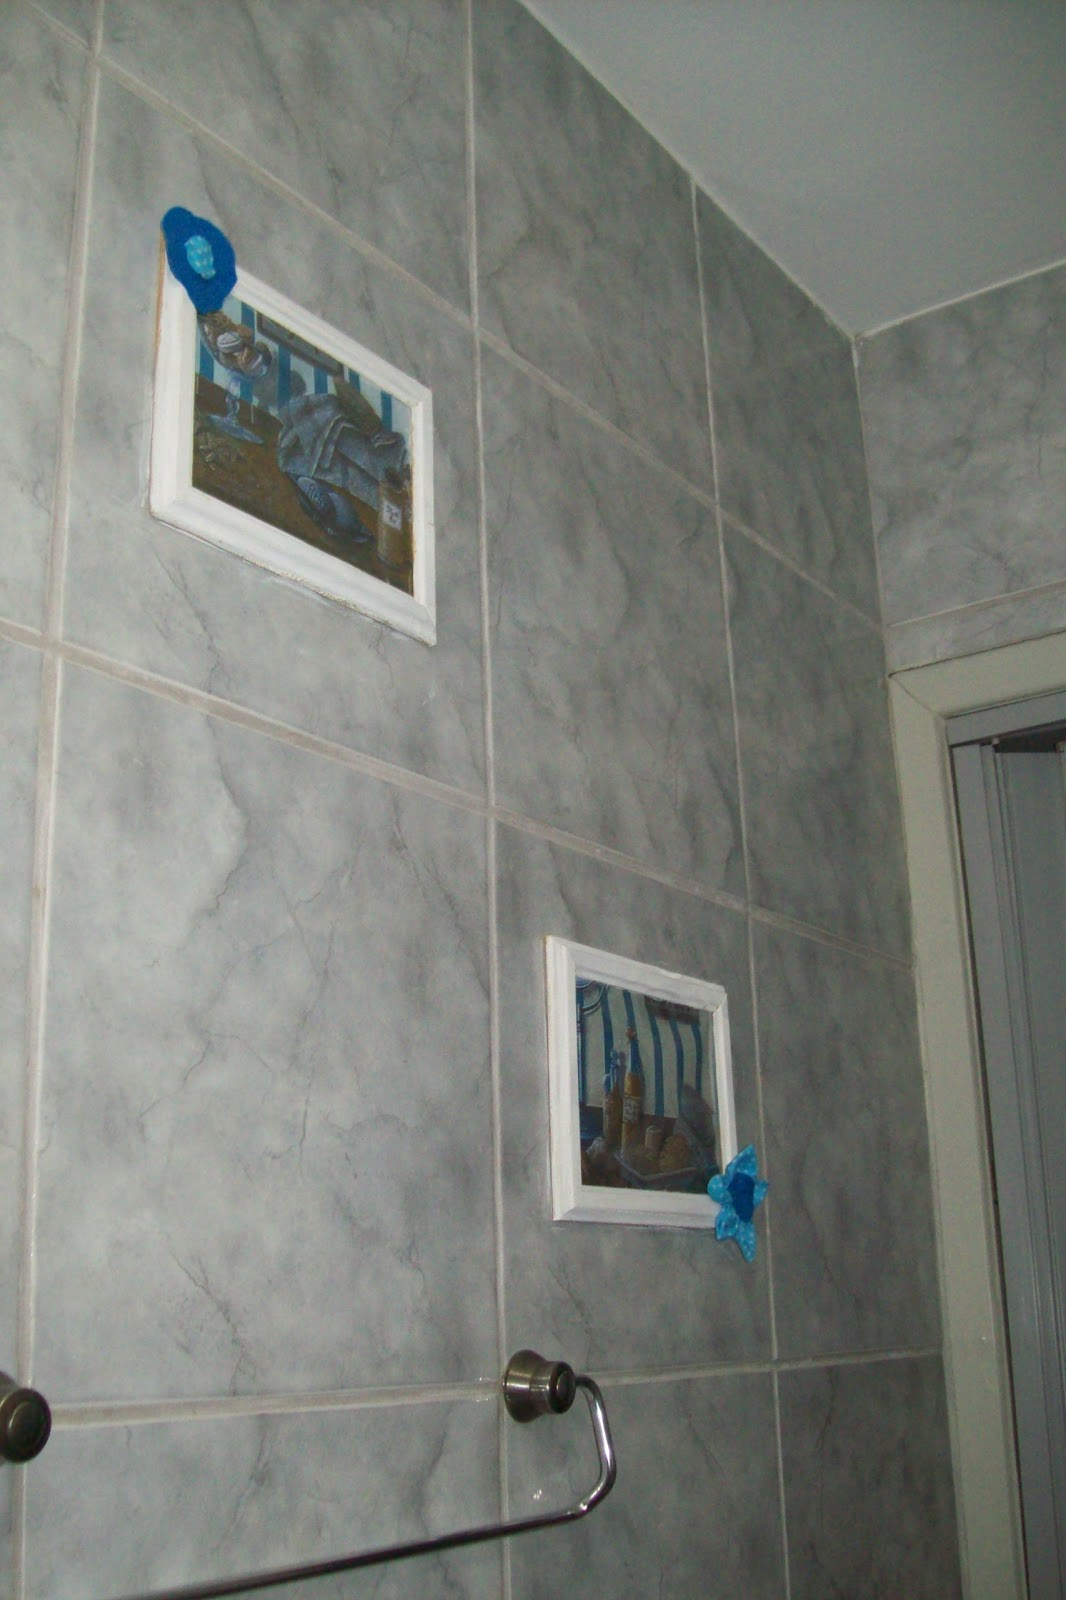 Casinha de taipa: Organizando as tampas e quadrinhos do banheiro #1B4969 1066 1600